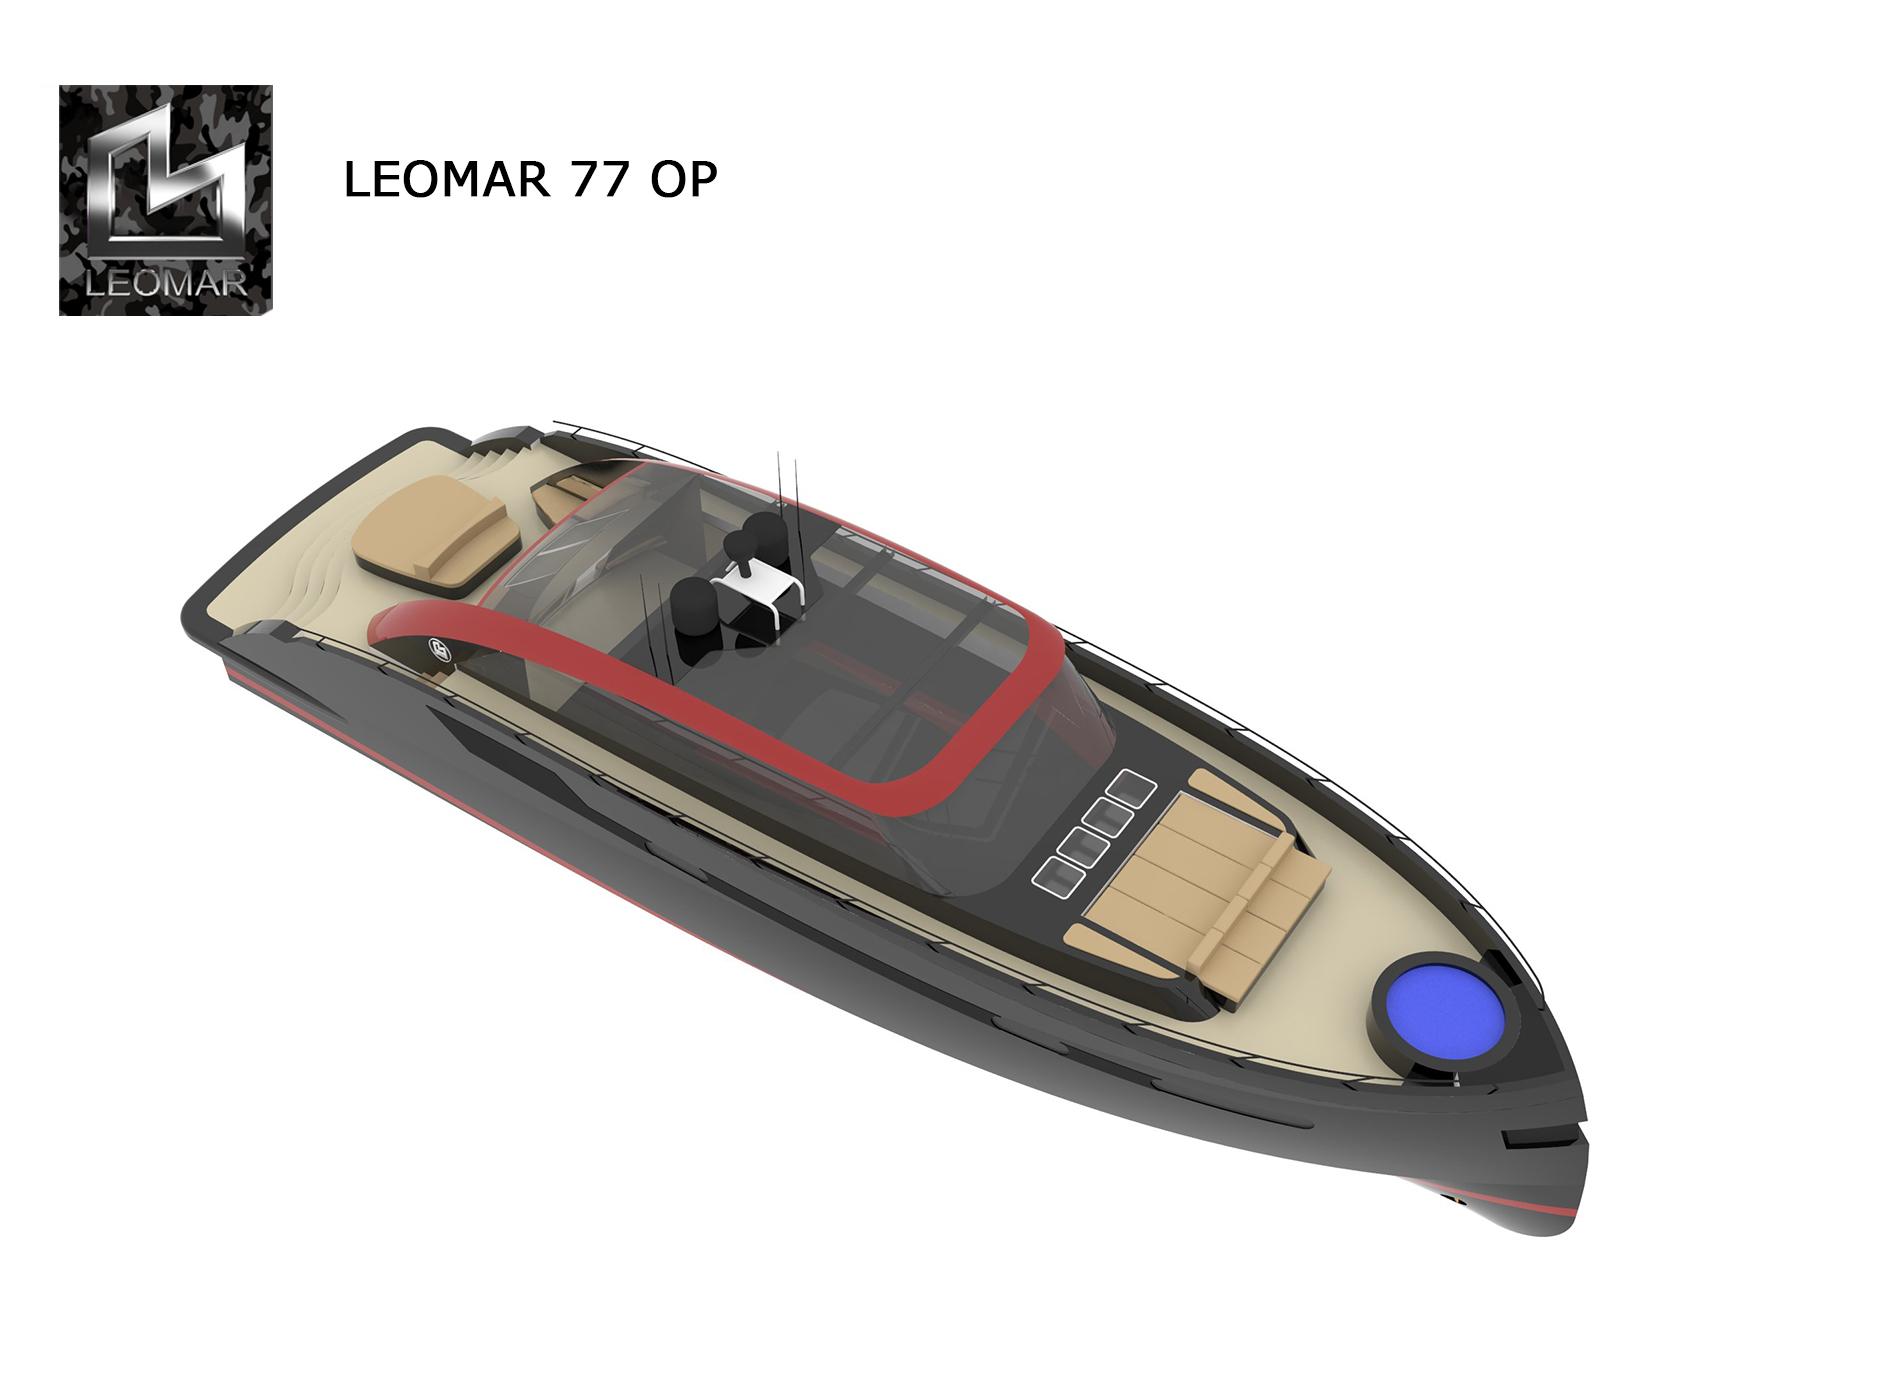 Leomar 77 OP_4